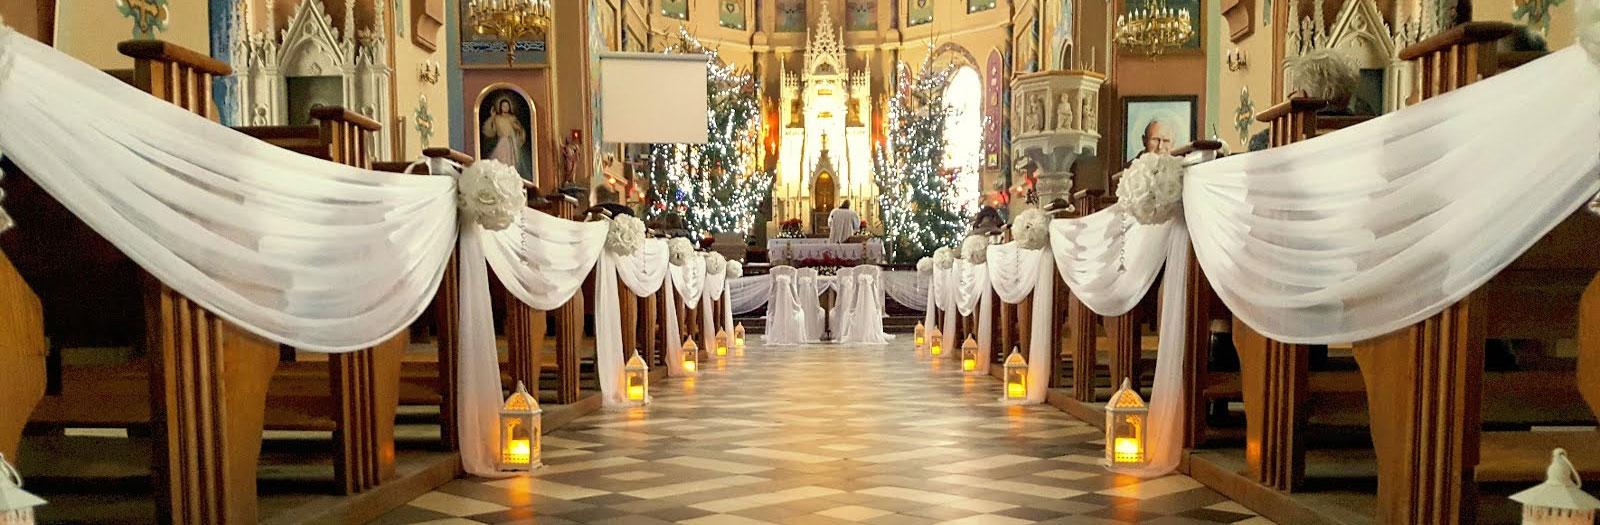 Dekoracja kościoła na ślub -  - slide3